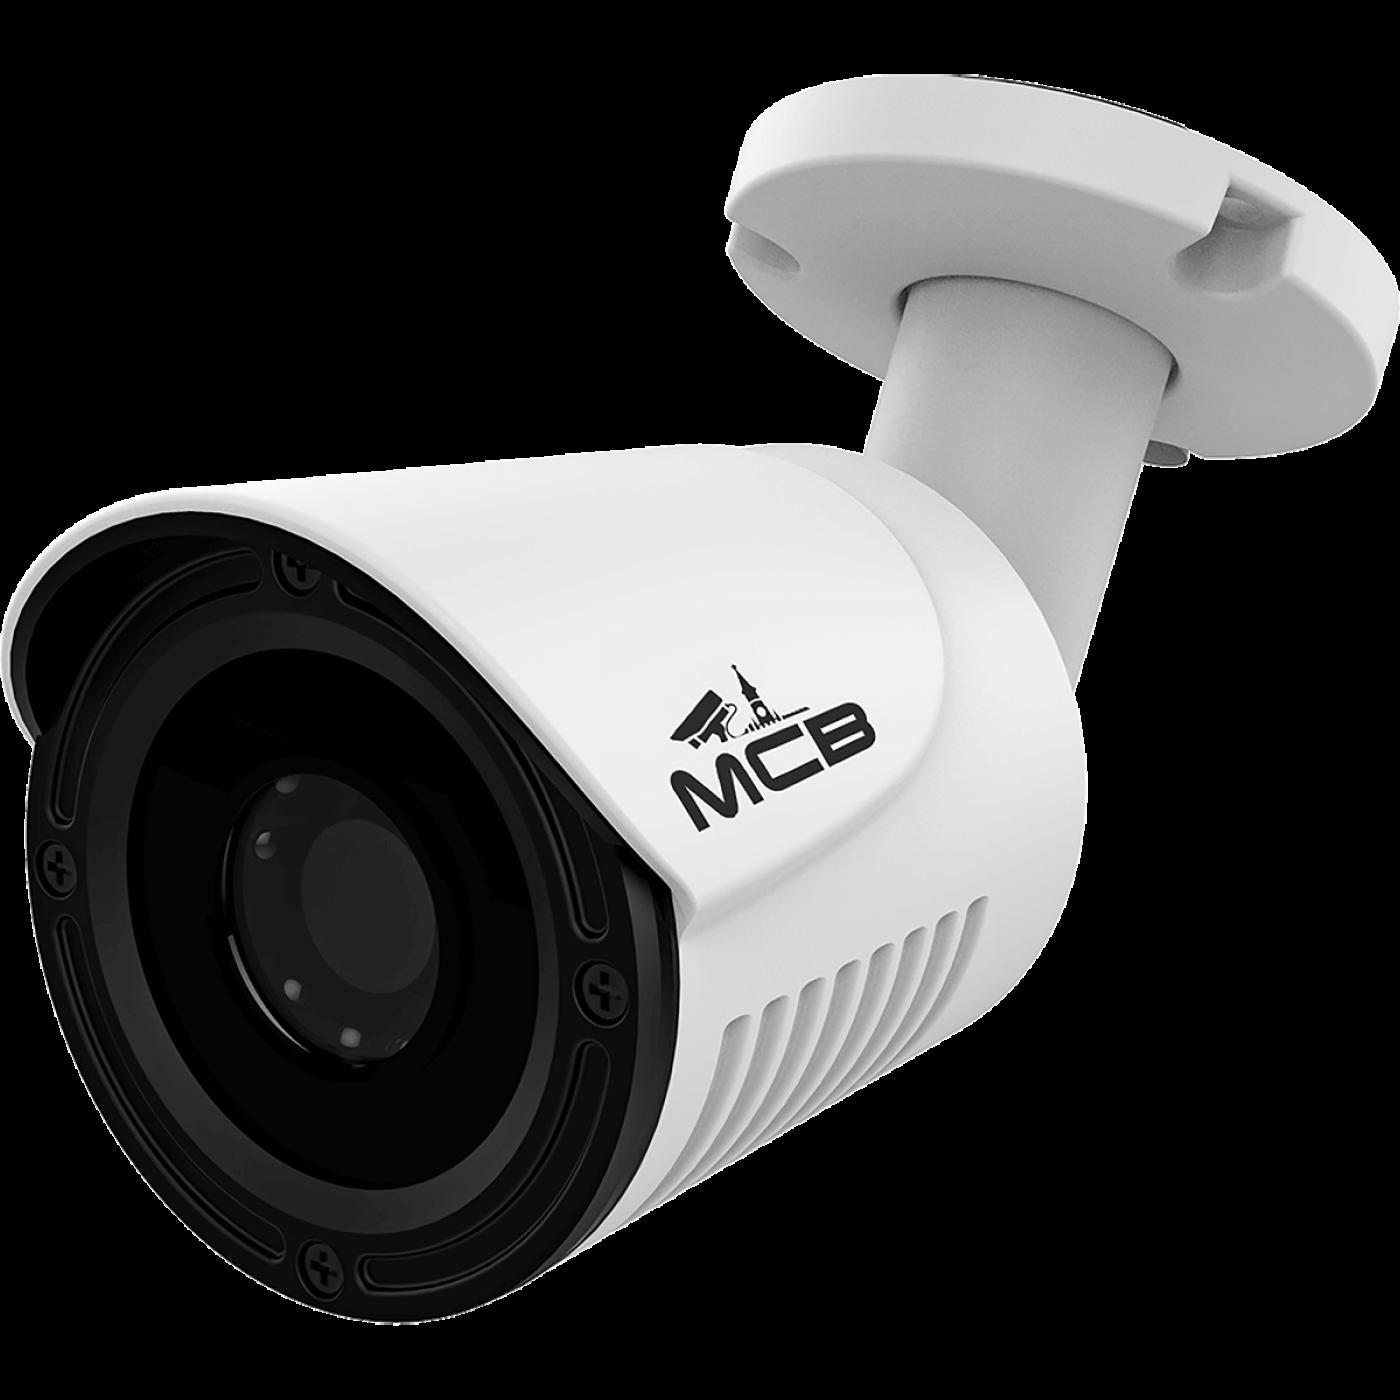 Комплект видеонаблюдения на 4 уличные камеры Full HD